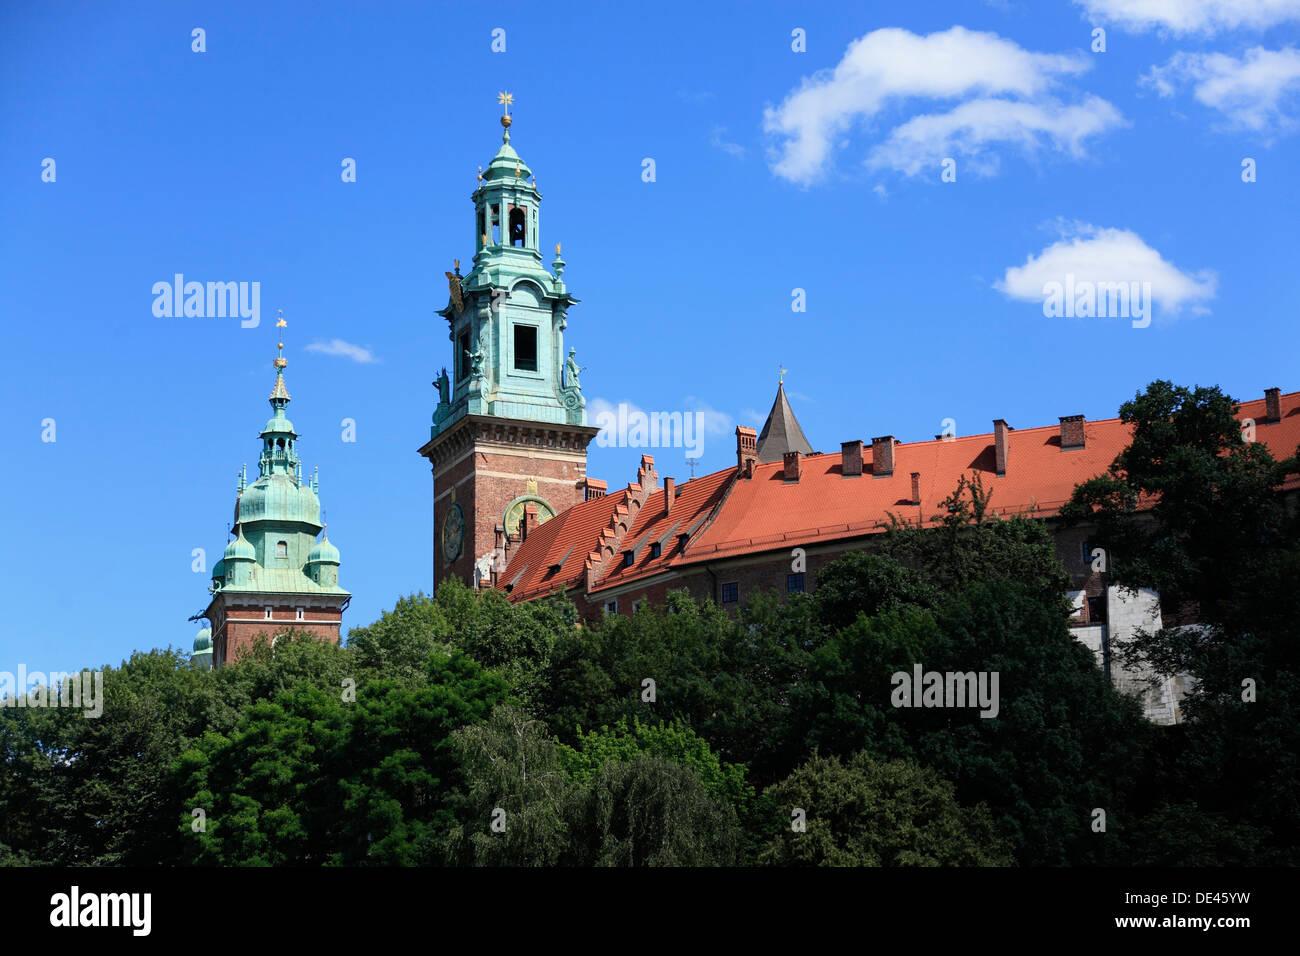 Wisla Krakow: Krakow Wawel Castle Stock Photos & Krakow Wawel Castle